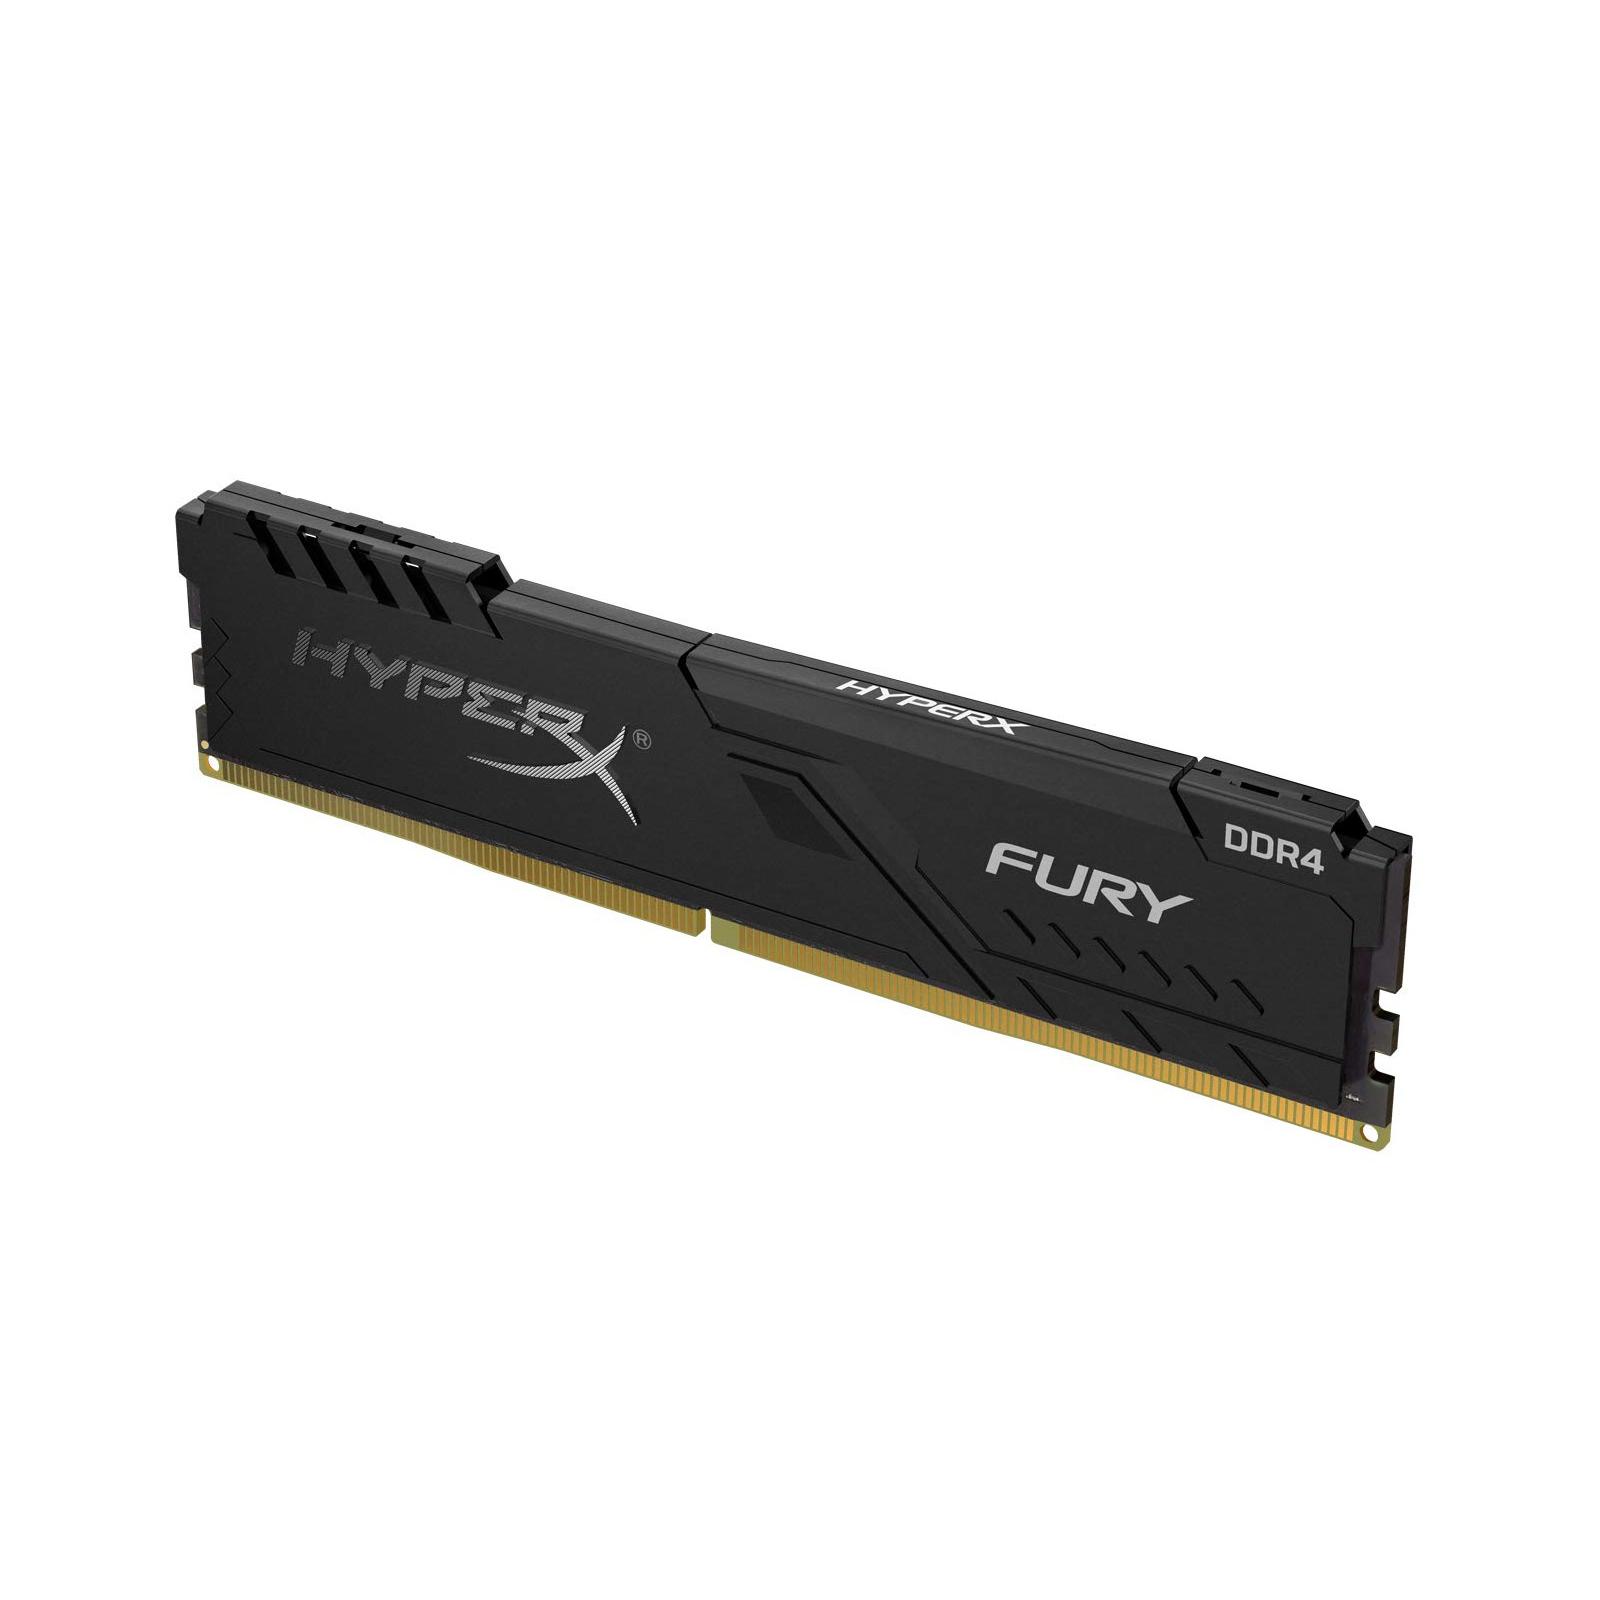 Модуль пам'яті для комп'ютера DDR4 8GB 3733 MHz HyperX Fury Black Kingston (HX437C19FB3/8) зображення 2